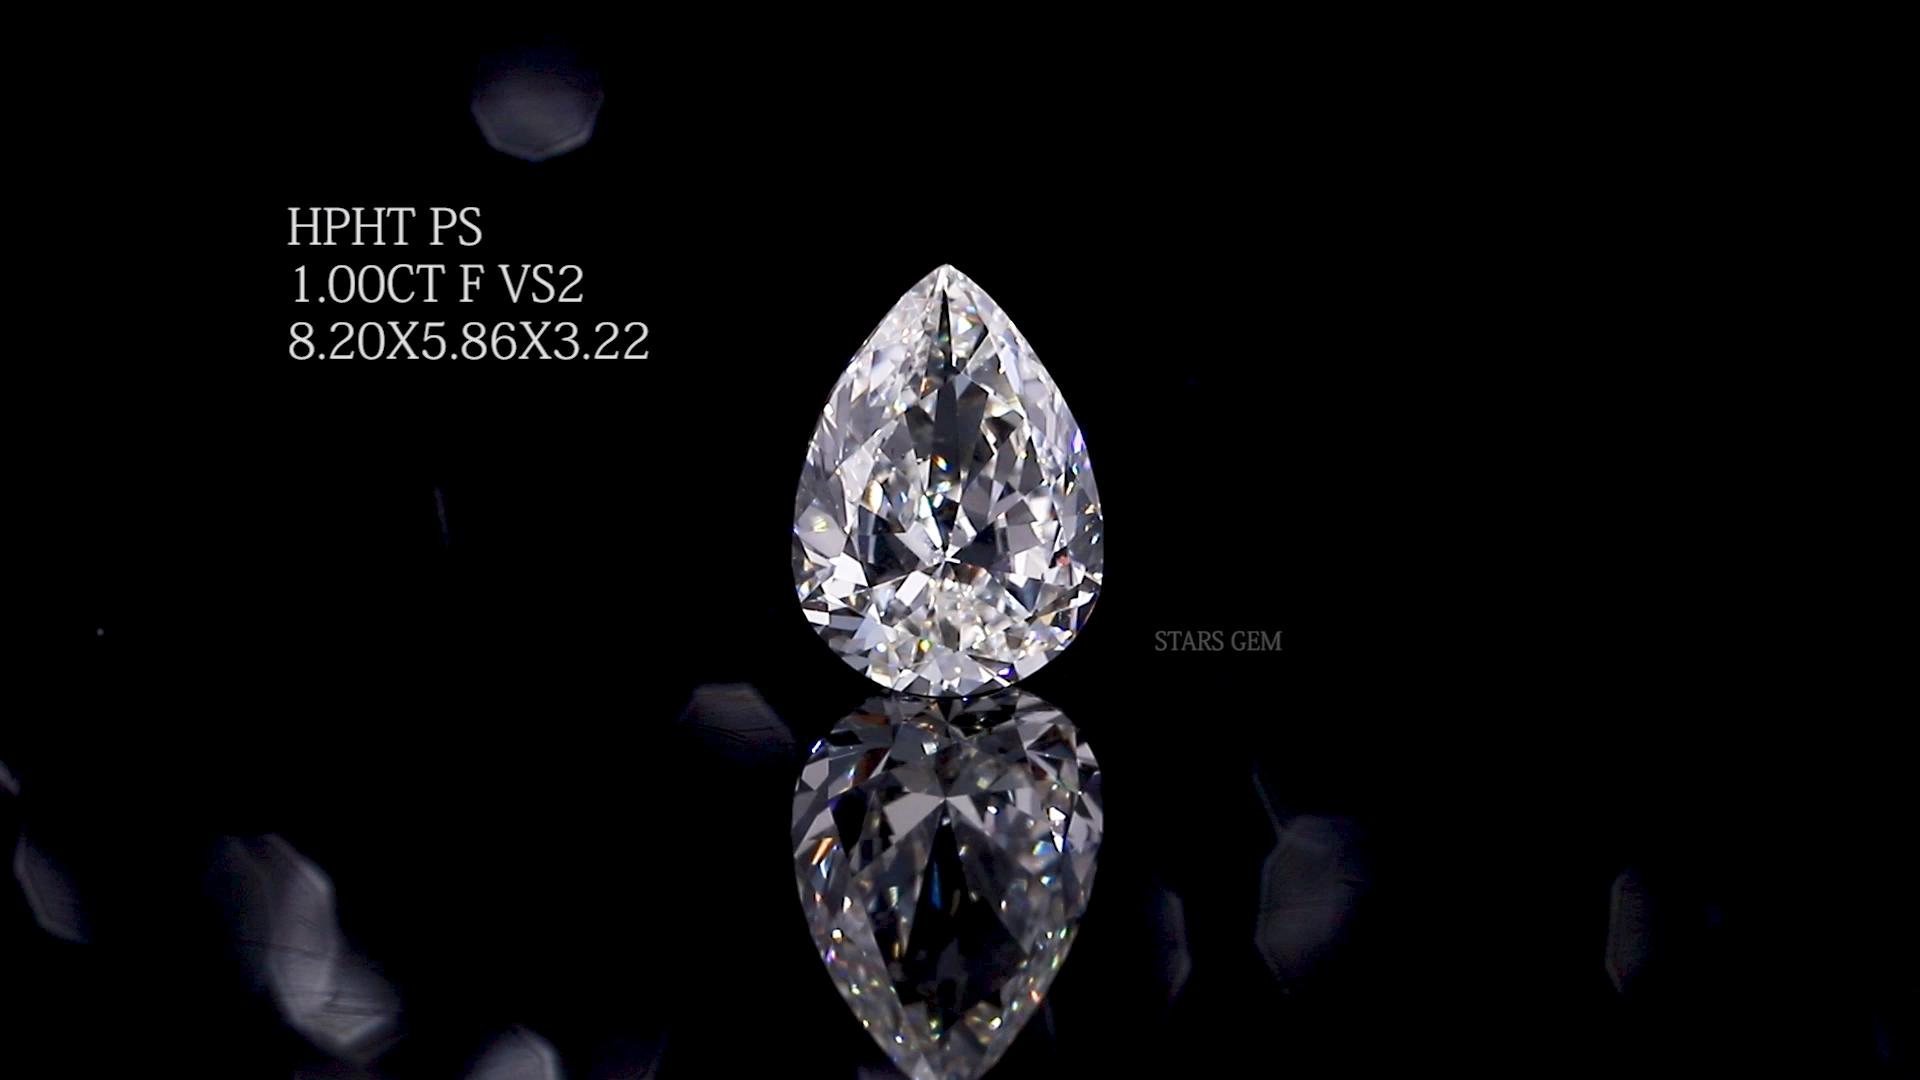 ووتشو Starsgem شحن مجاني 1 قيراط VS2 F مختبر الكمثرى نمت الماس